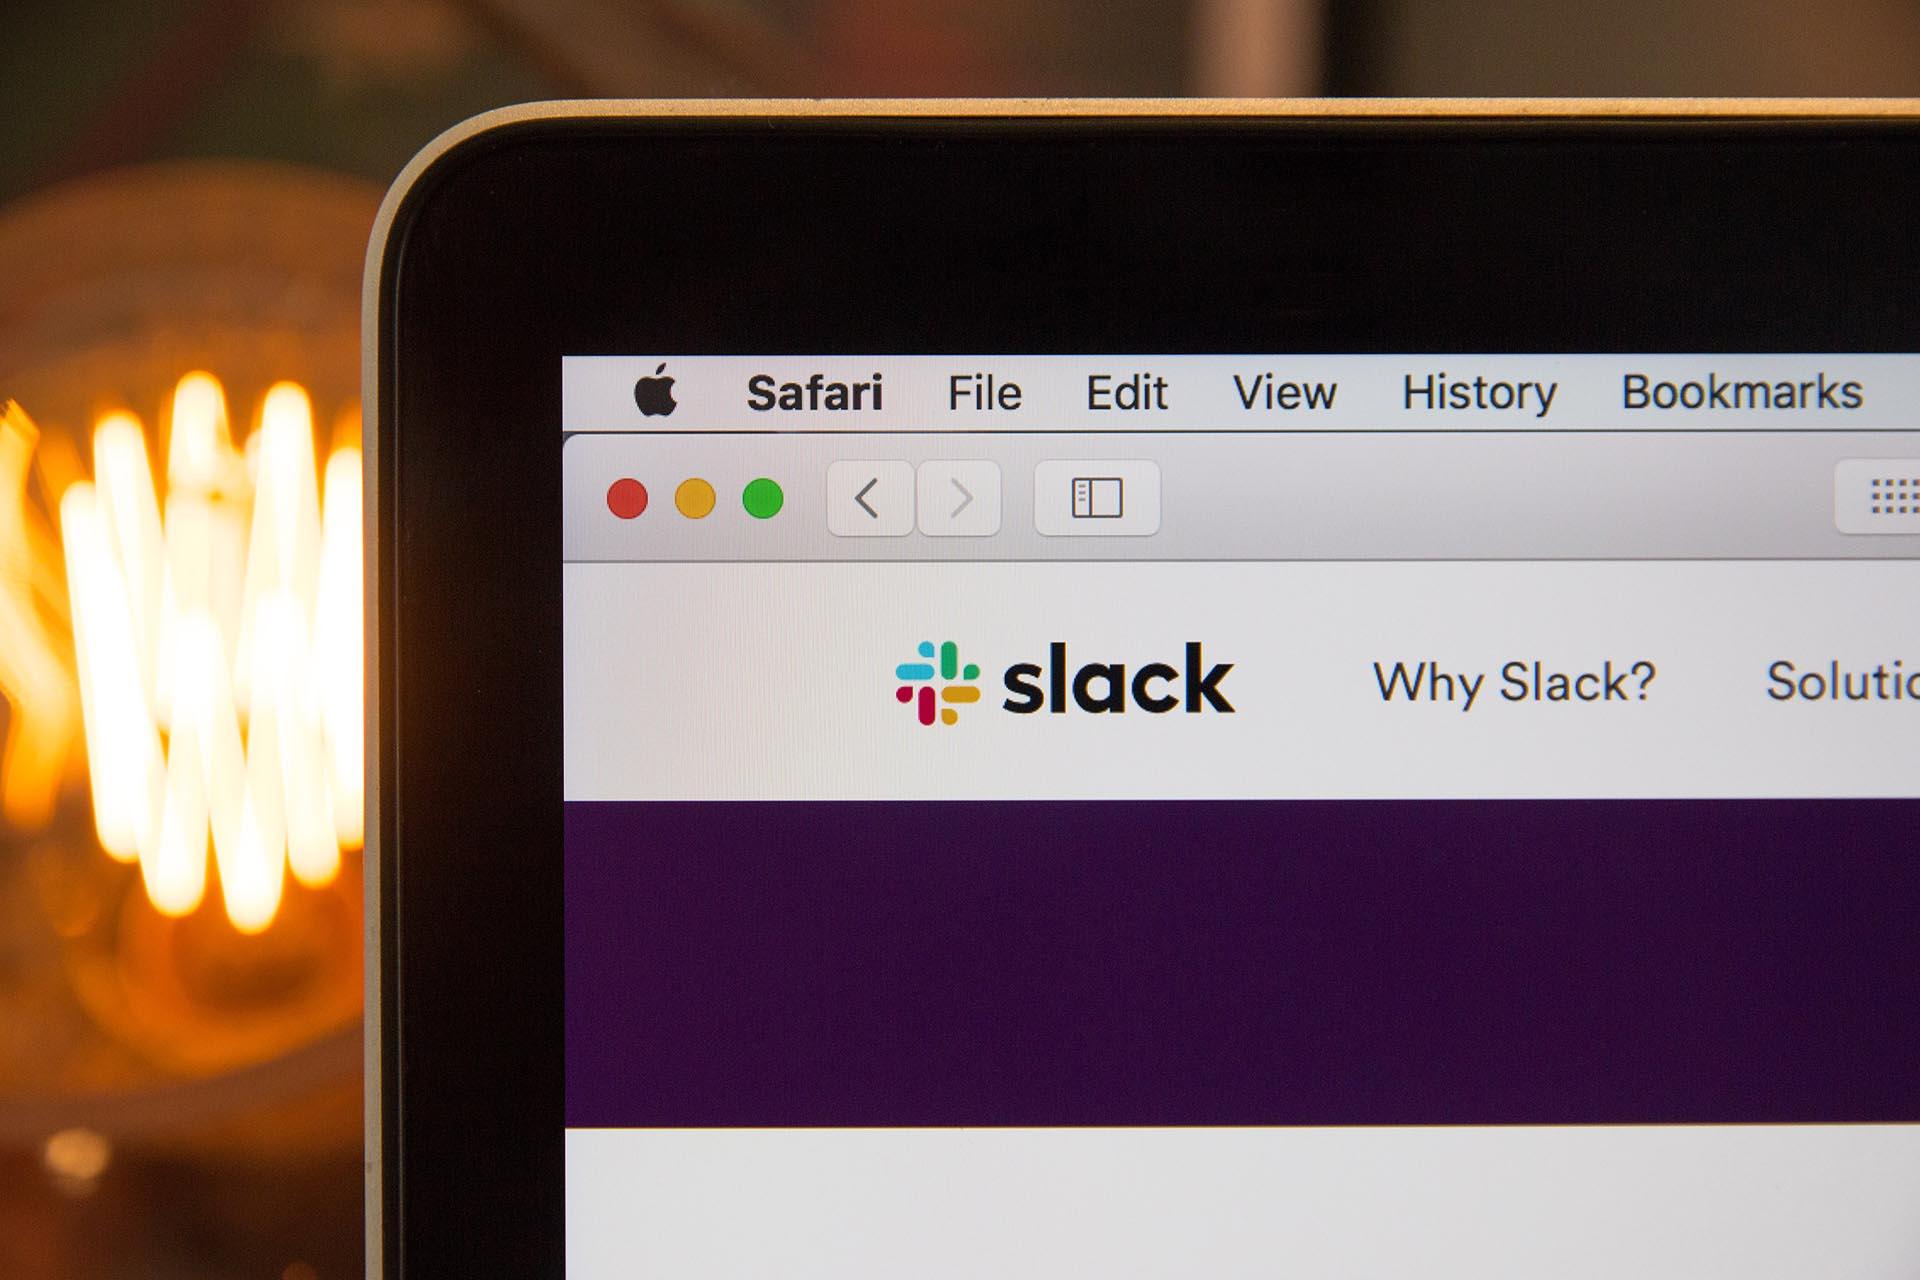 Slack homepage on Safari